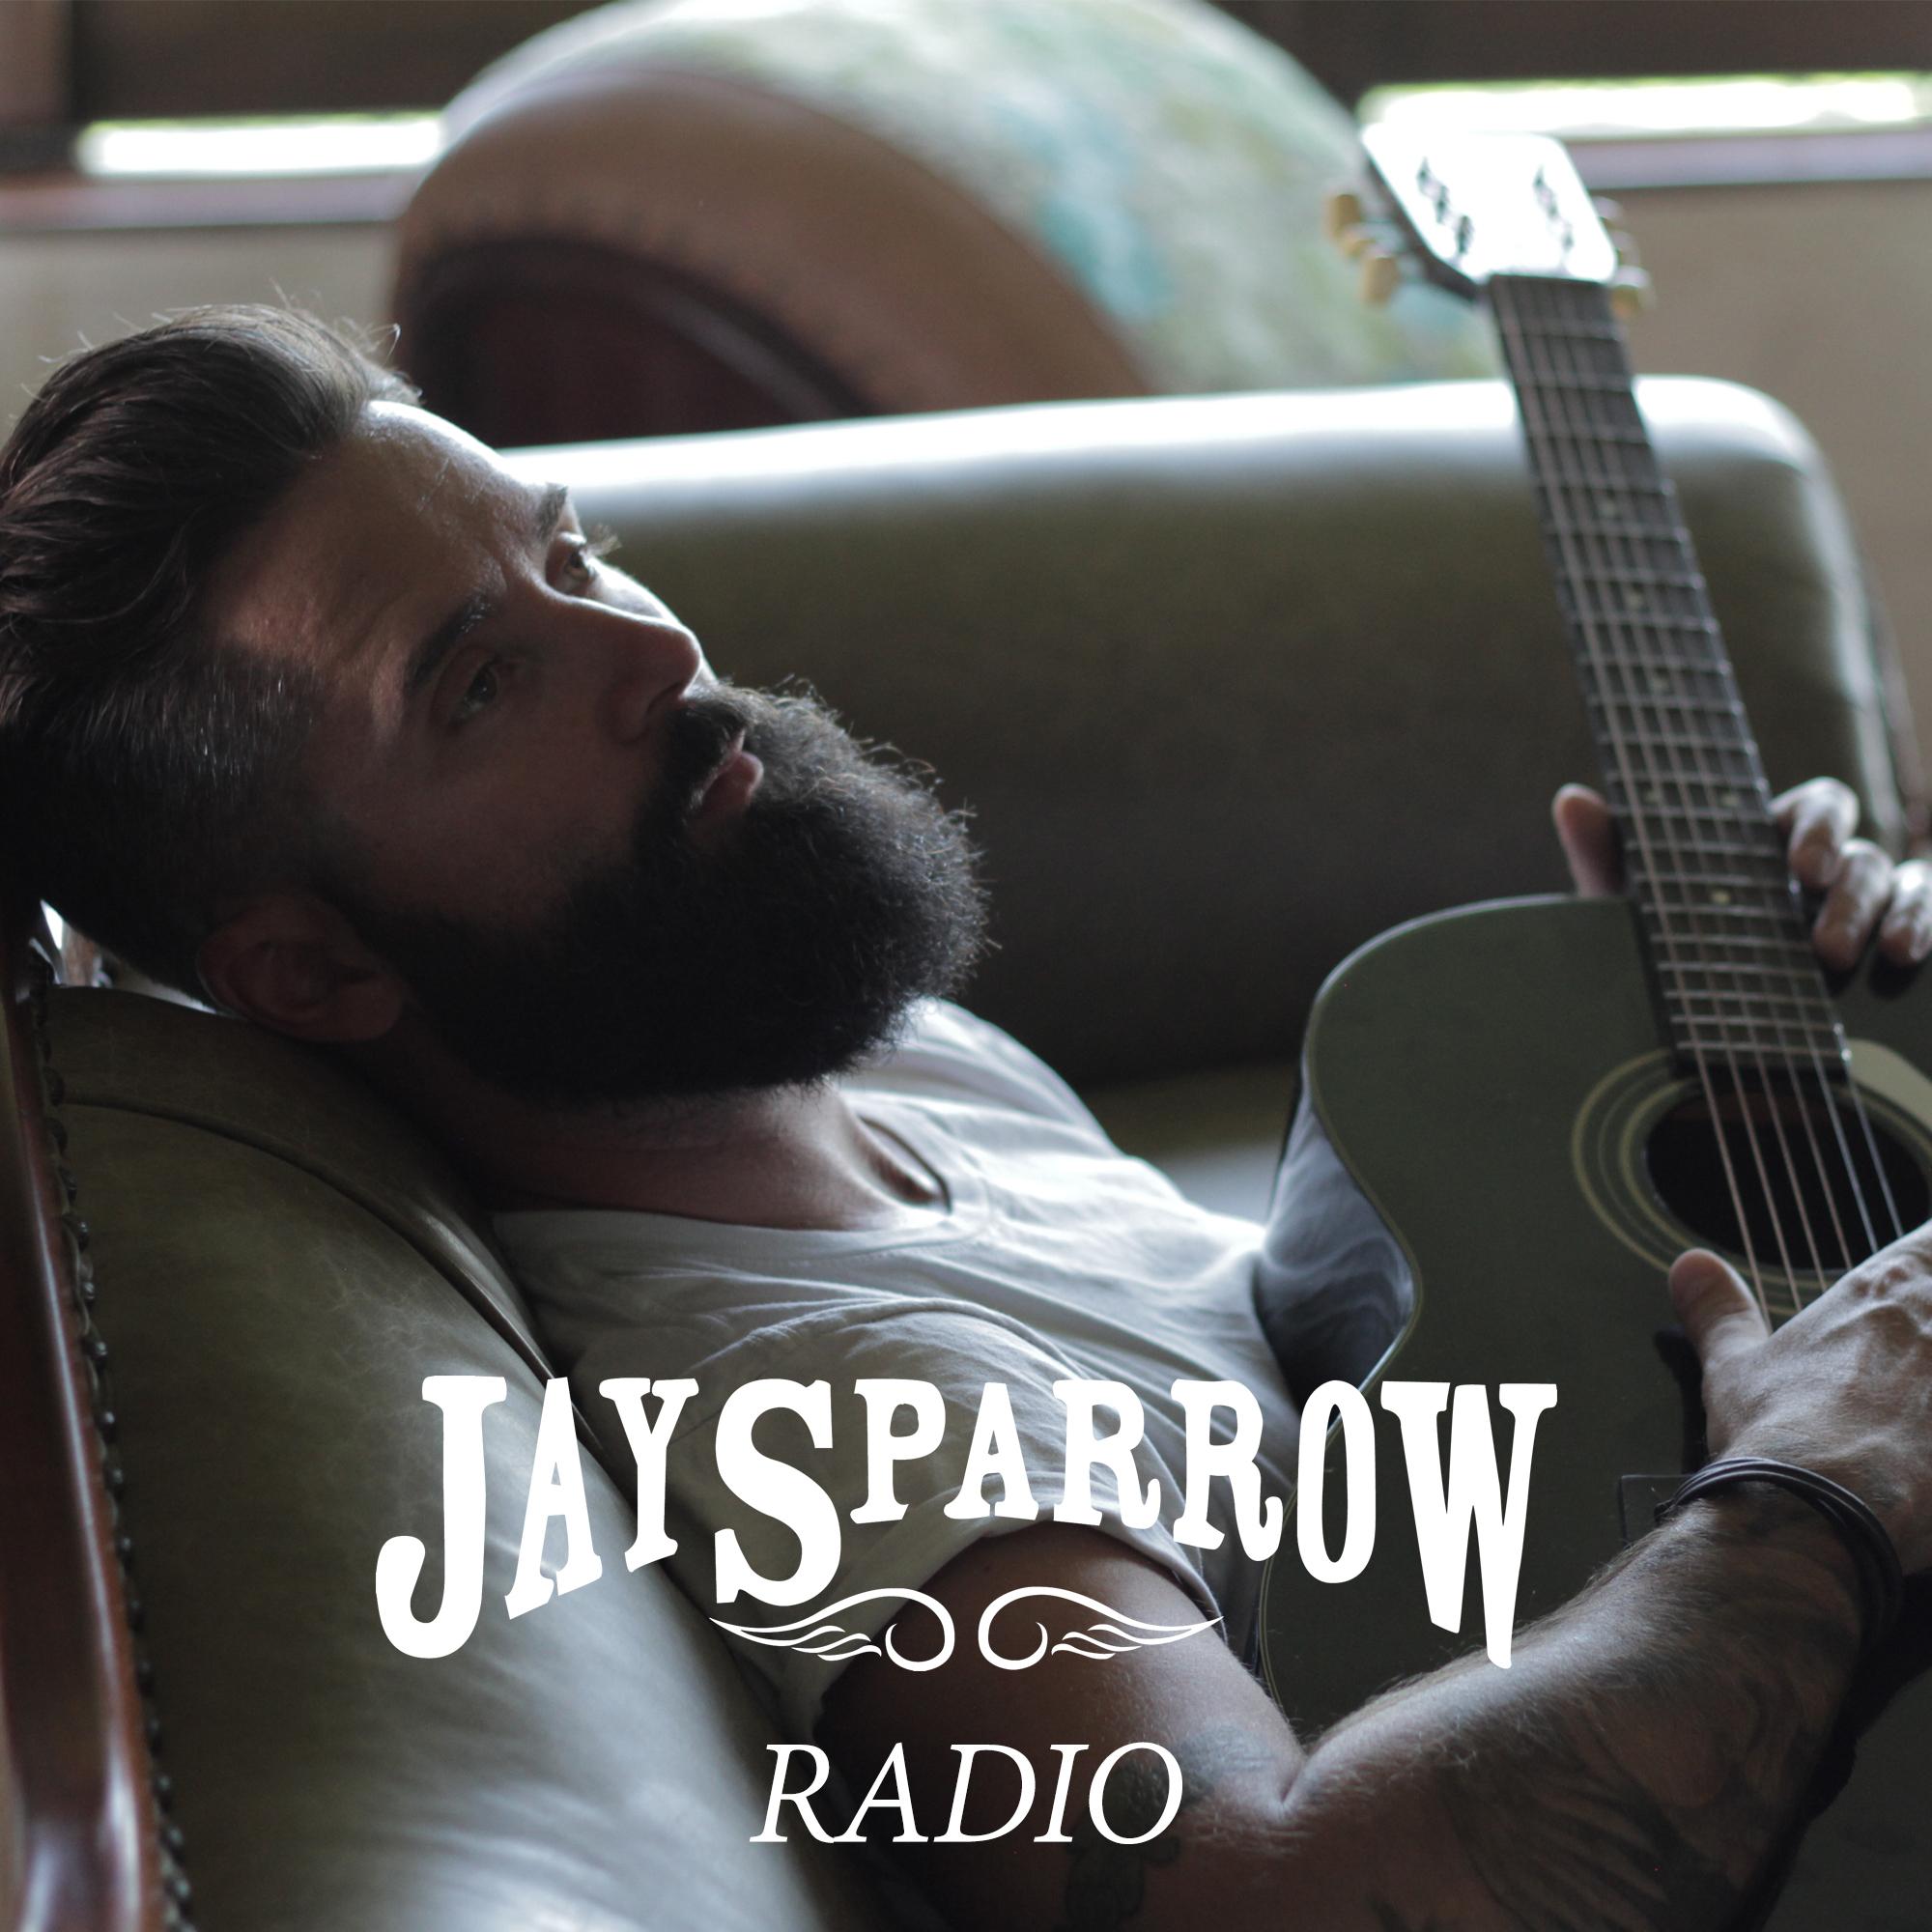 JaySparrow4